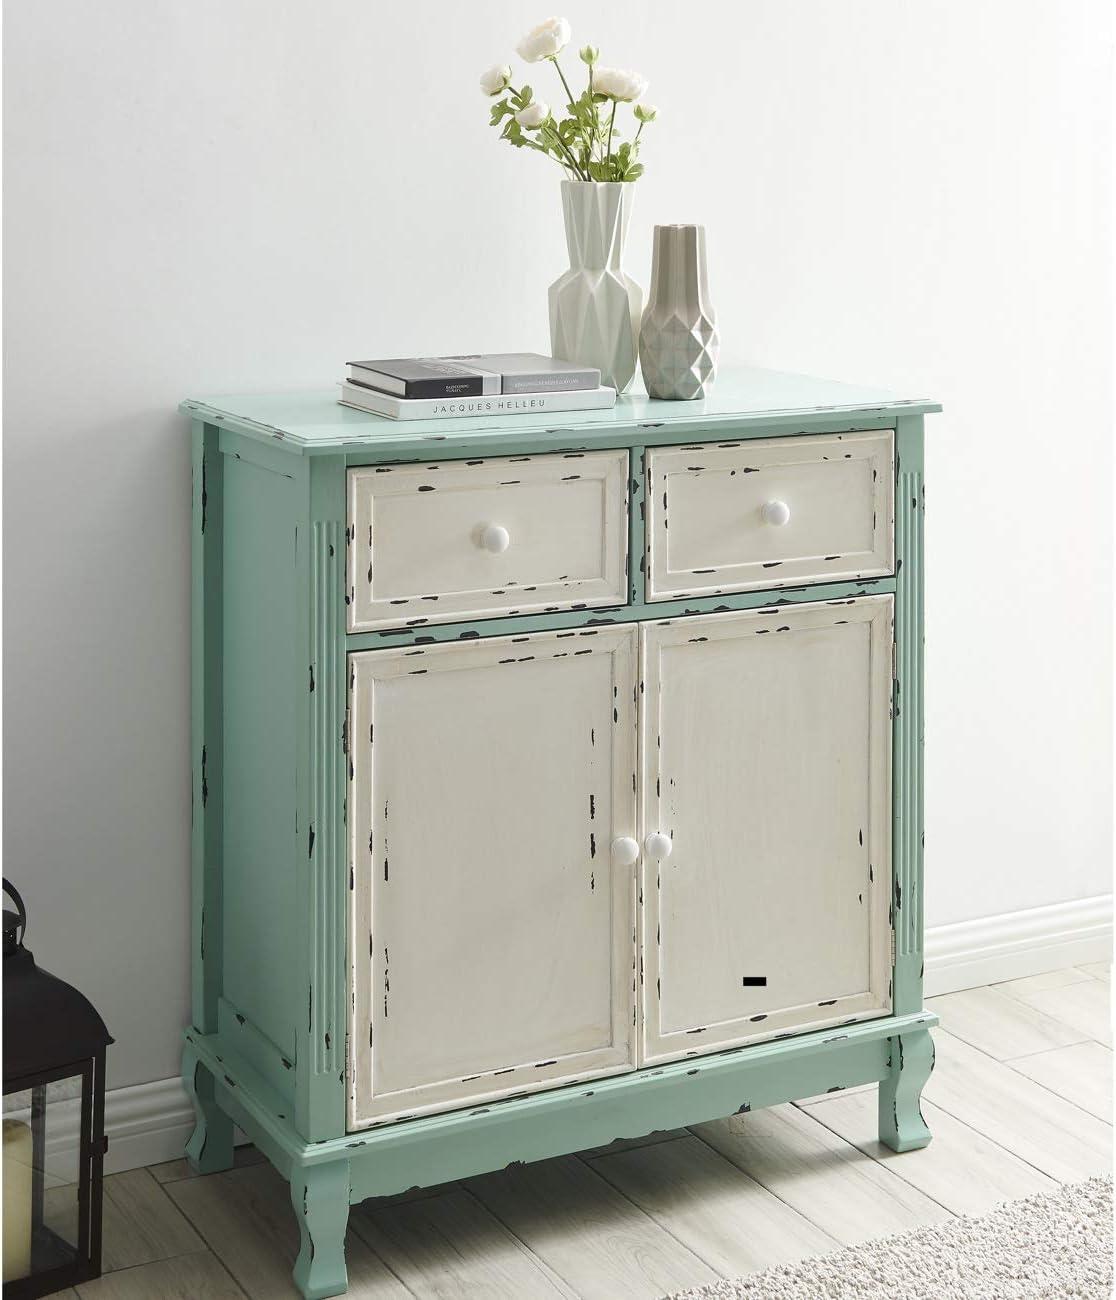 hermosos muebles vintage o retro